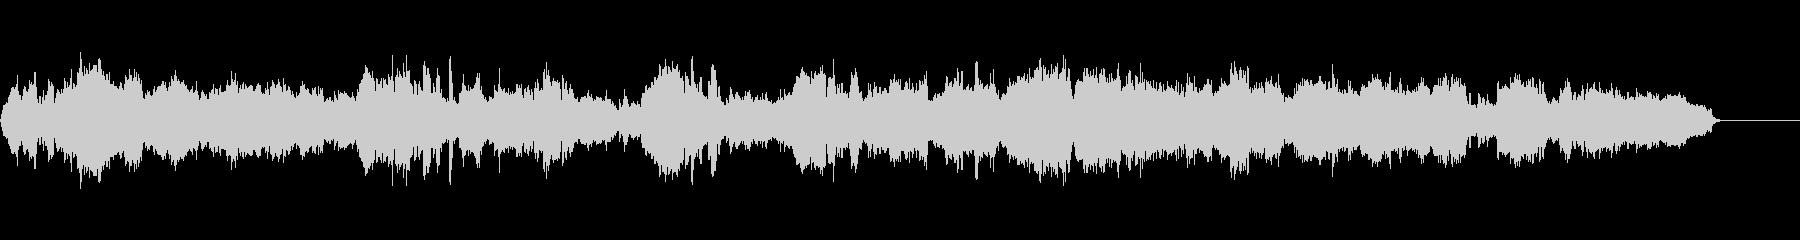 オーケストラでボサノヴァの未再生の波形